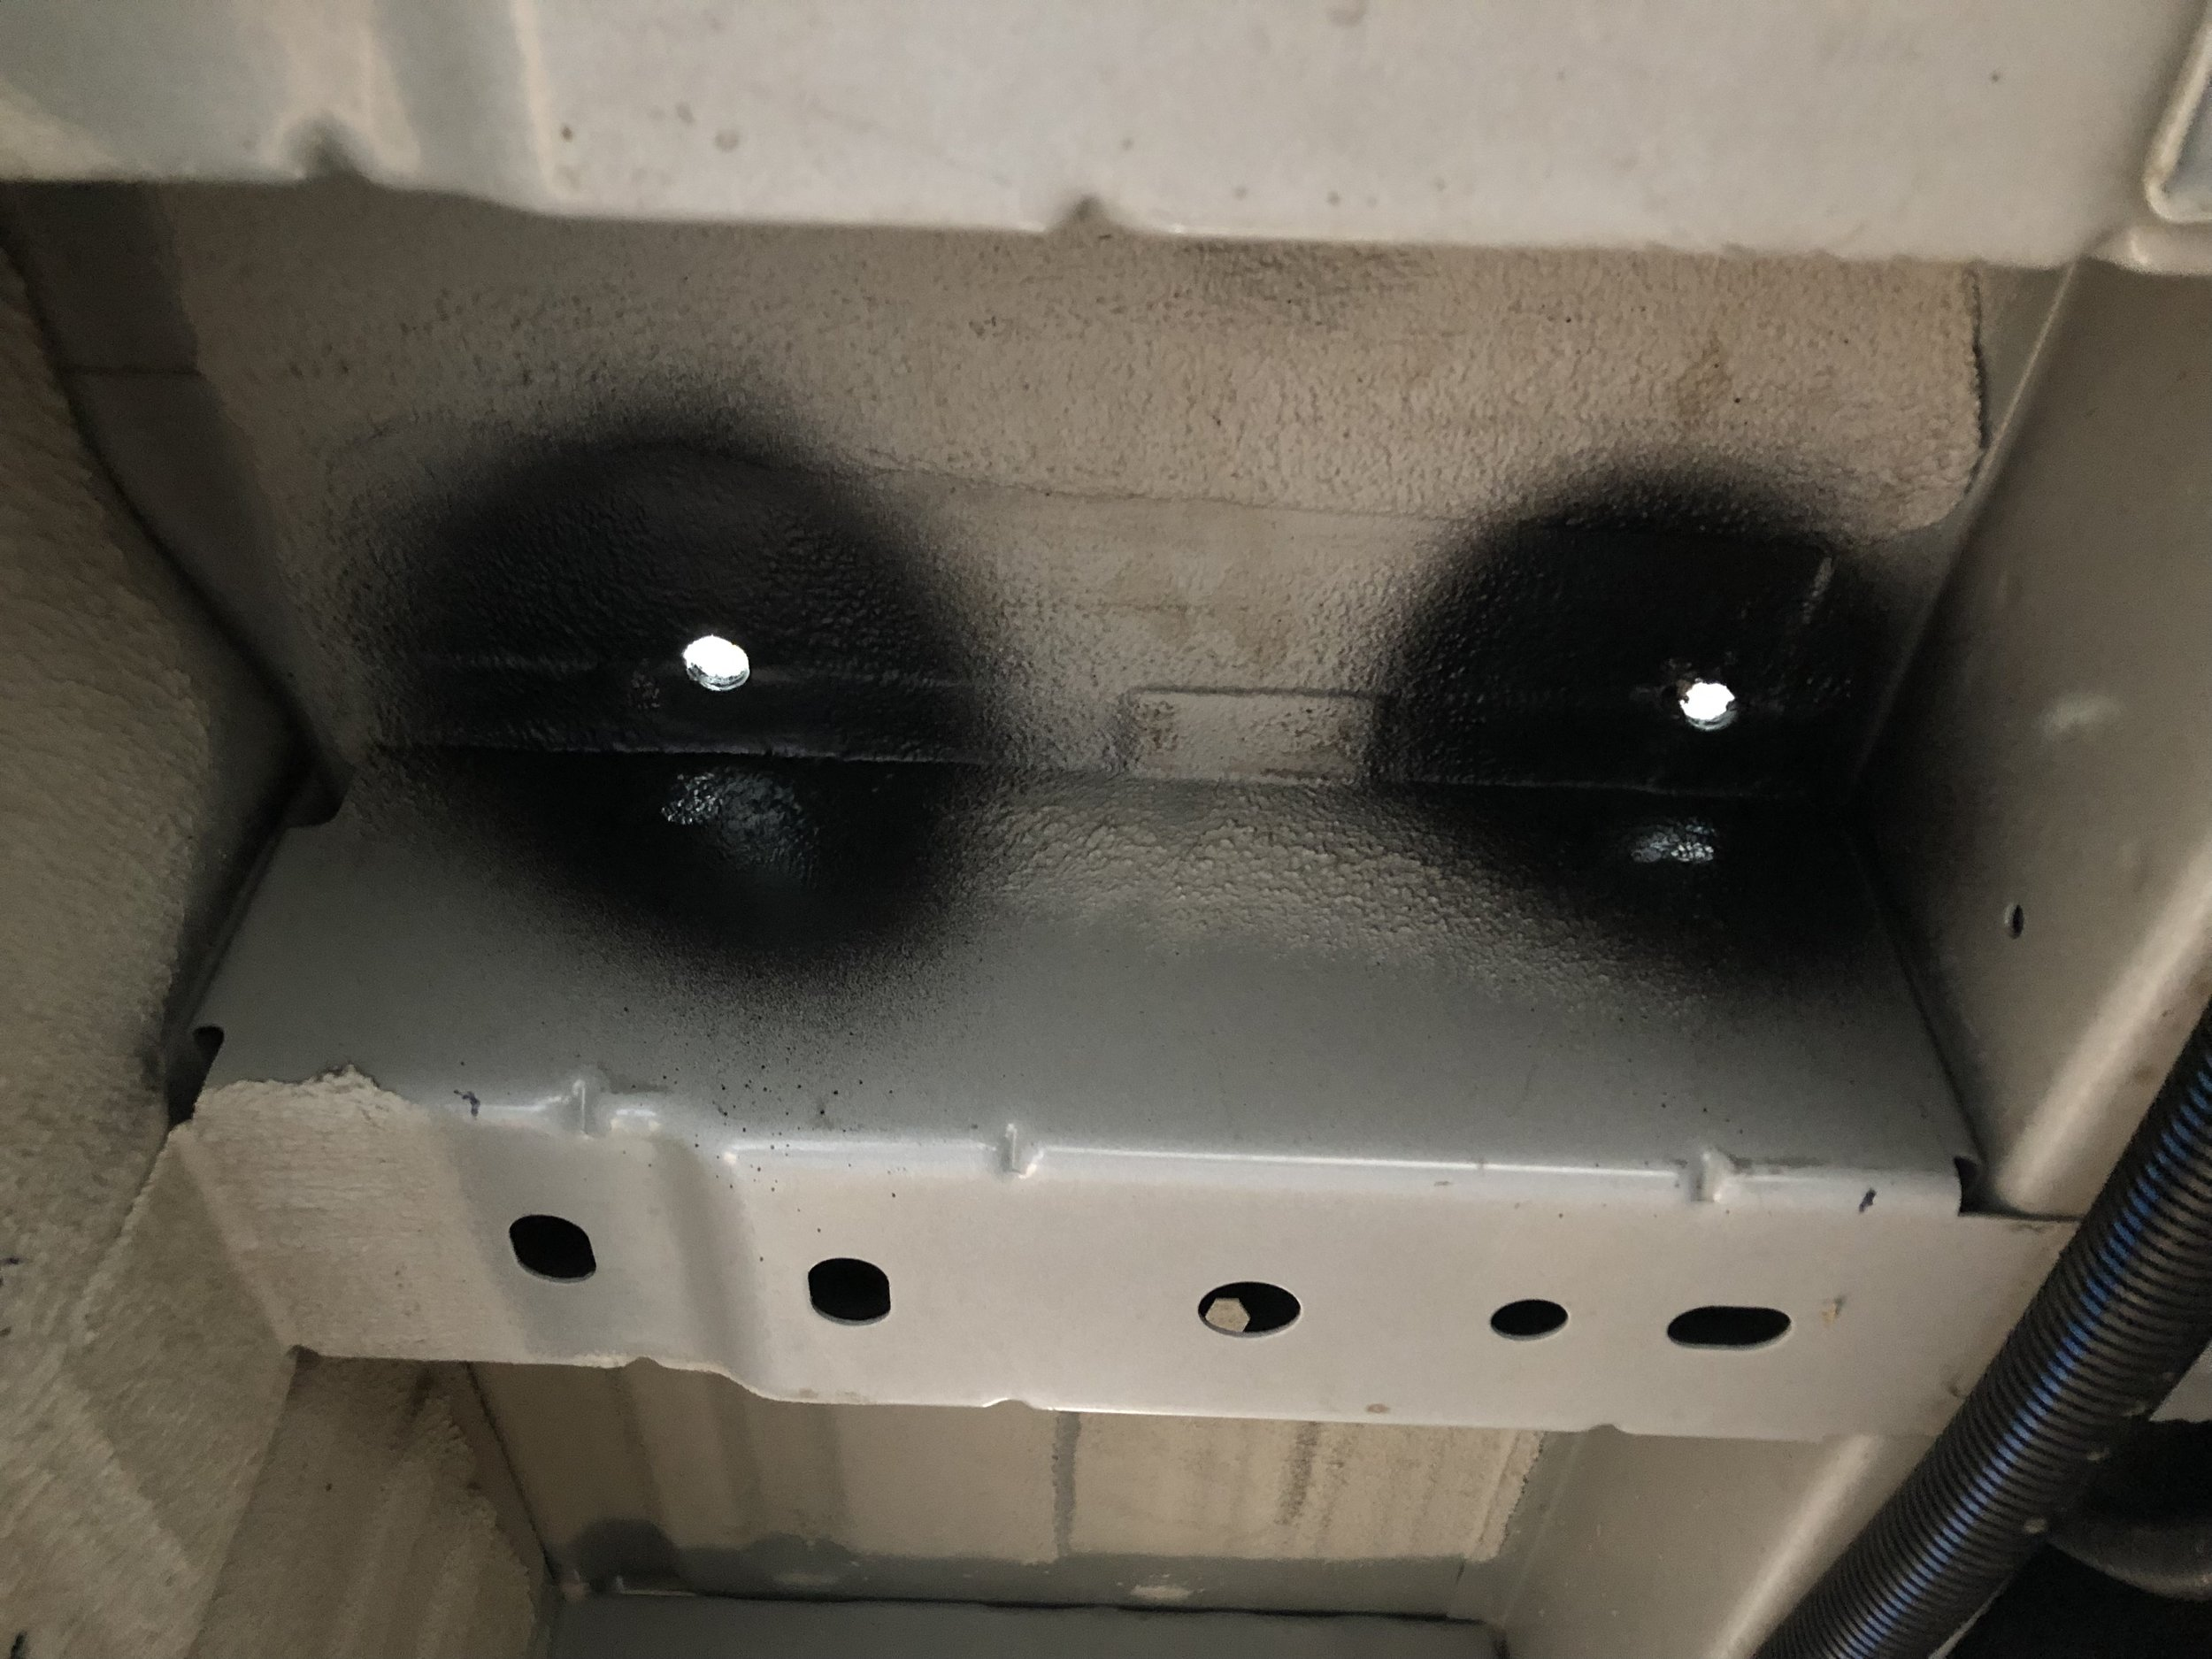 Rear holes